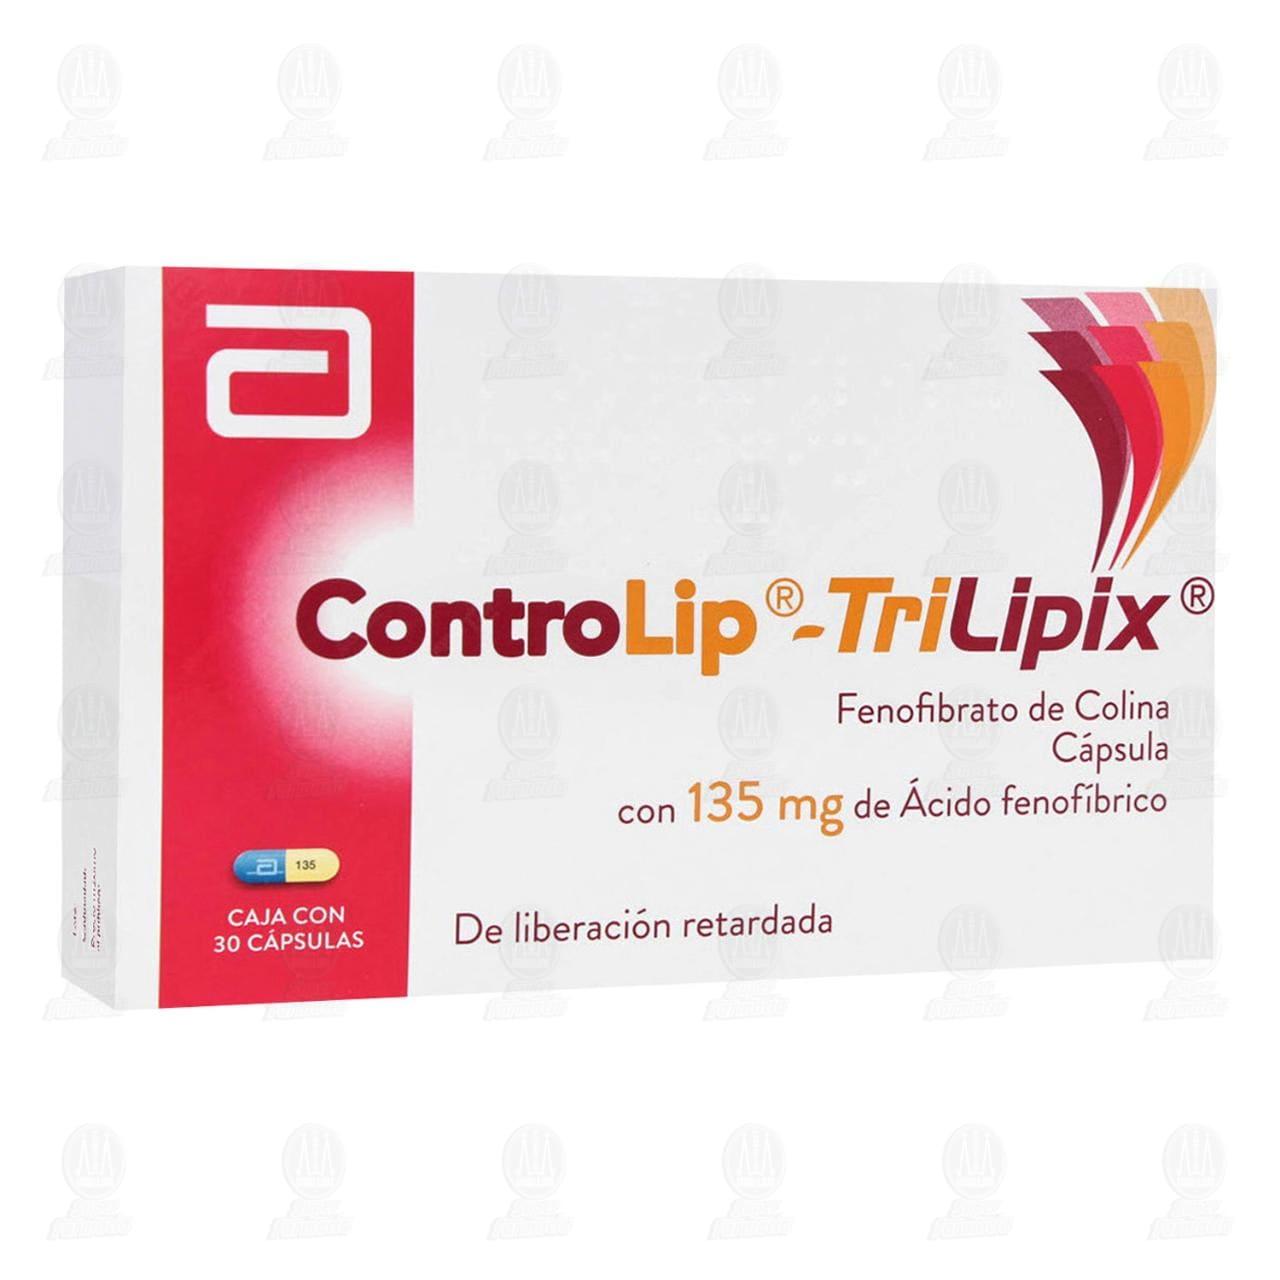 Comprar Controlip-Trilipix 135mg 30 Cápsulas en Farmacias Guadalajara